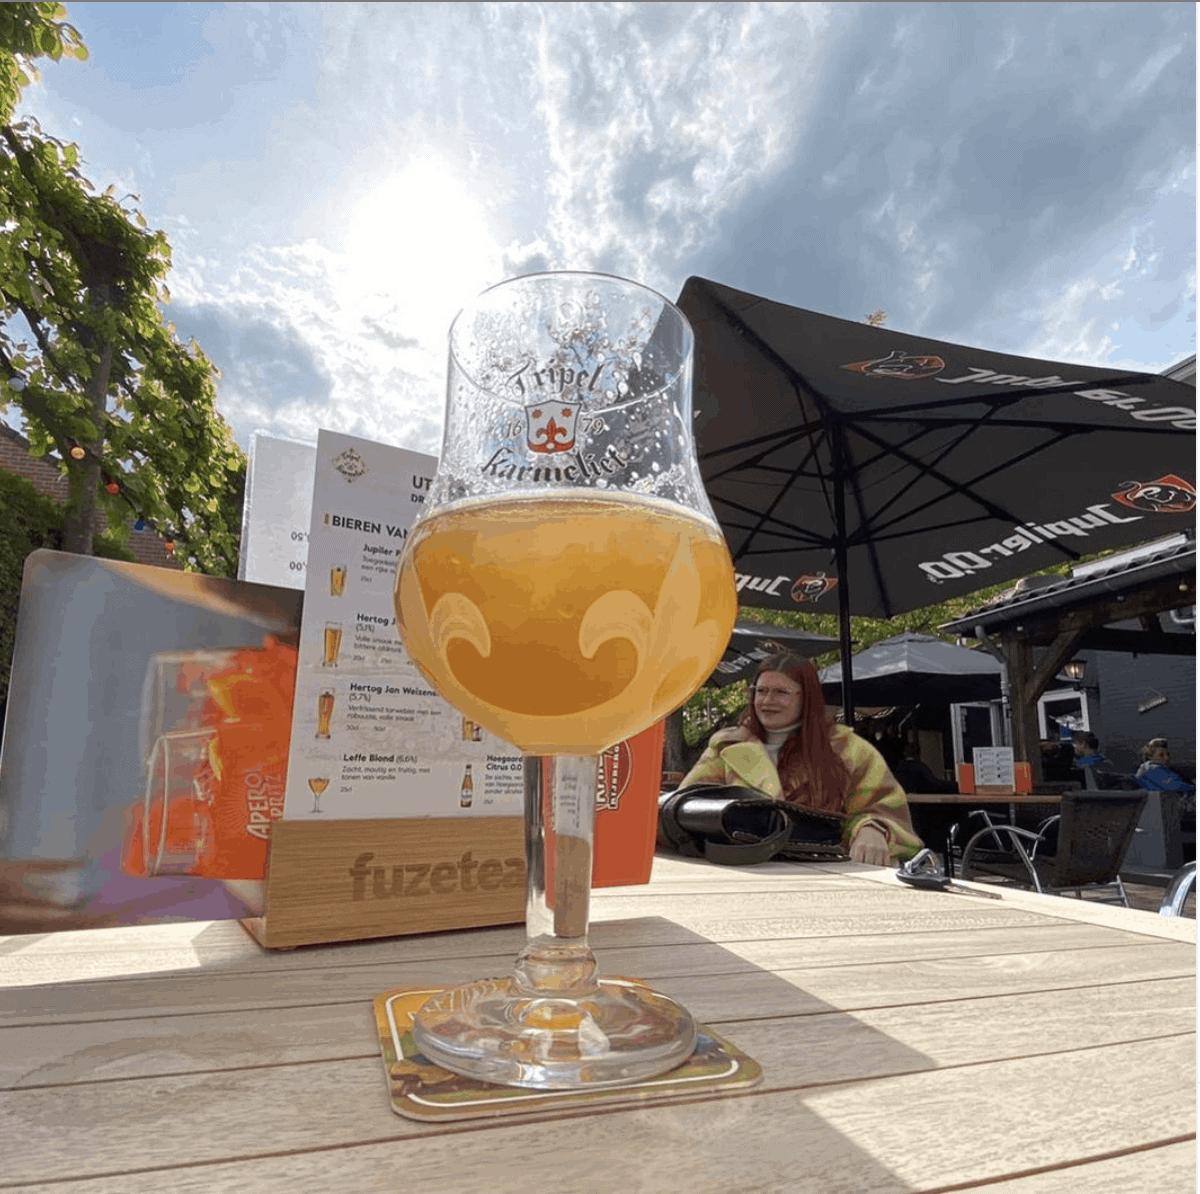 bier en zon ut krisje